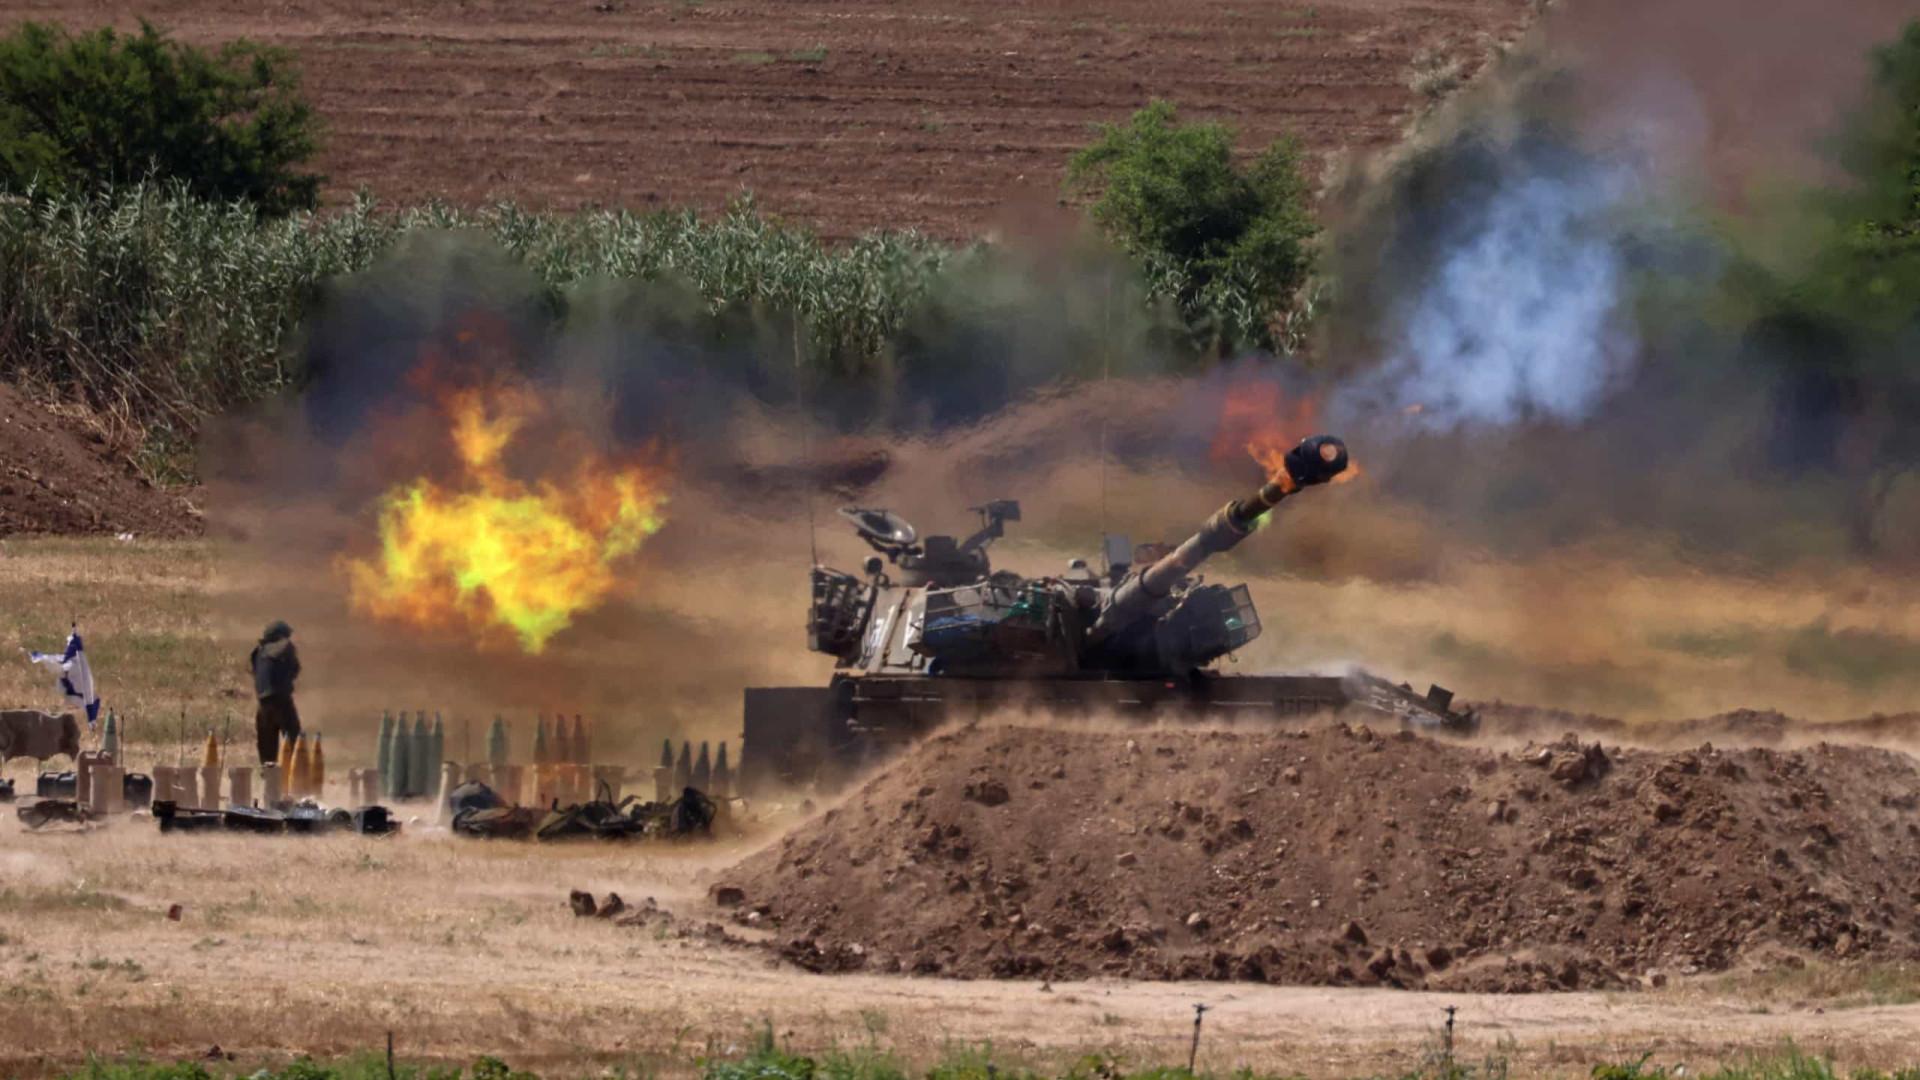 Ataques destruíram 15 quilómetros de túneis do Hamas em Gaza